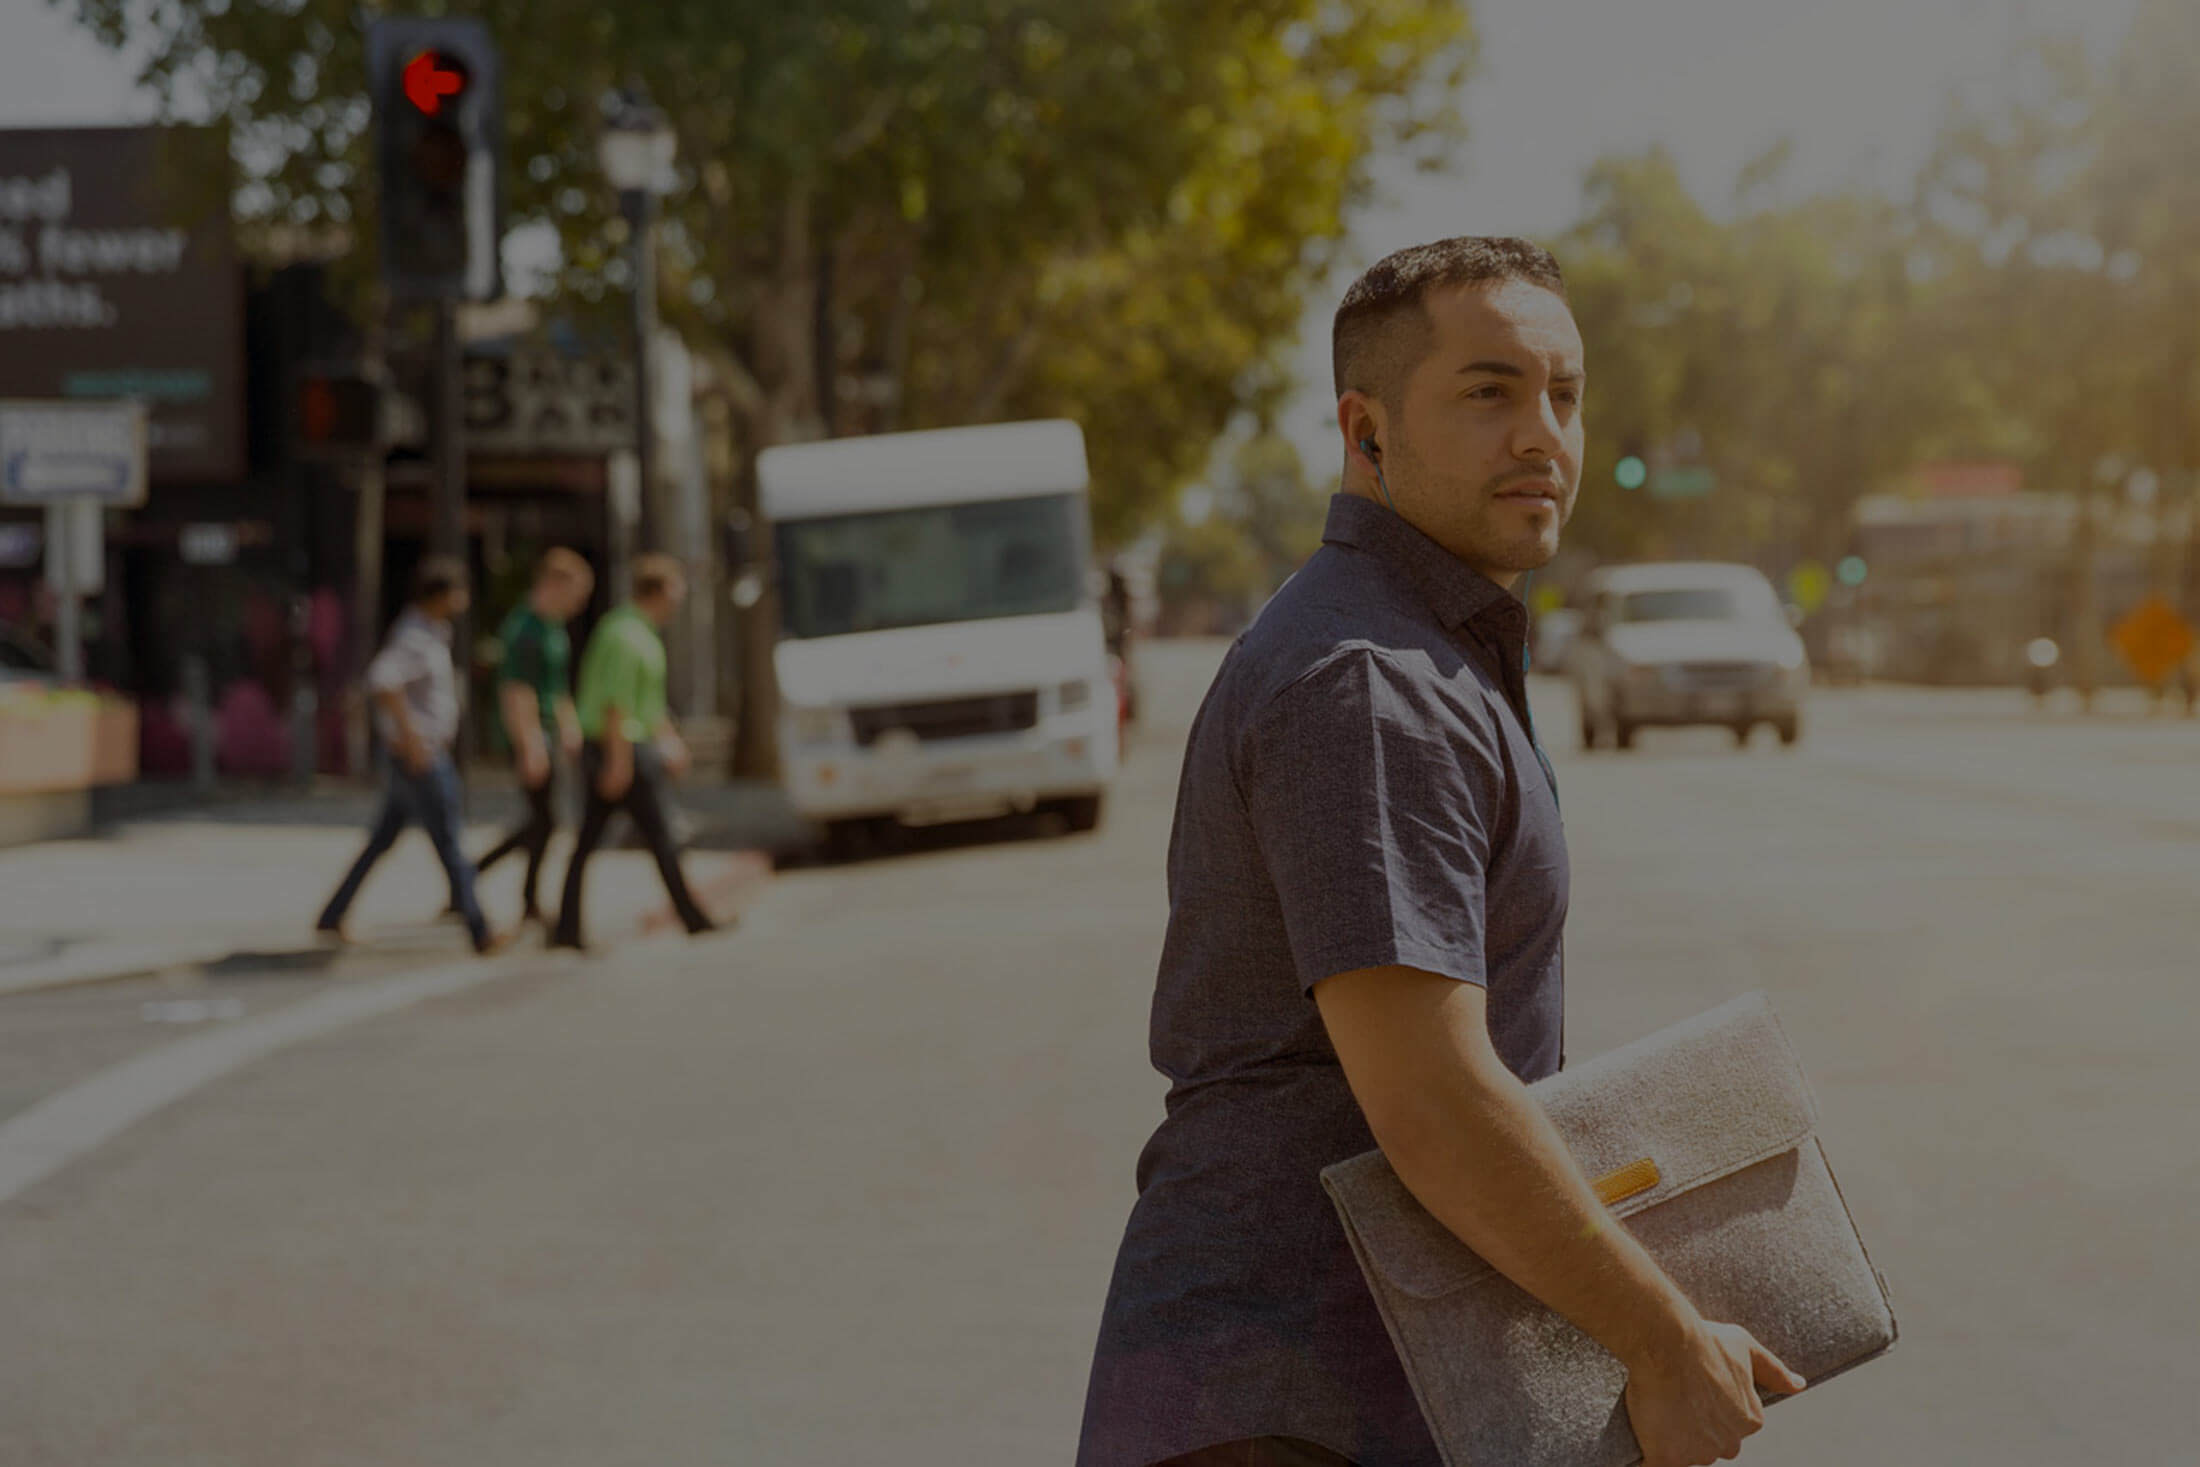 Pole emploi - offre emploi Monteur pneumatique expérimenté (H/F) - Mérignac